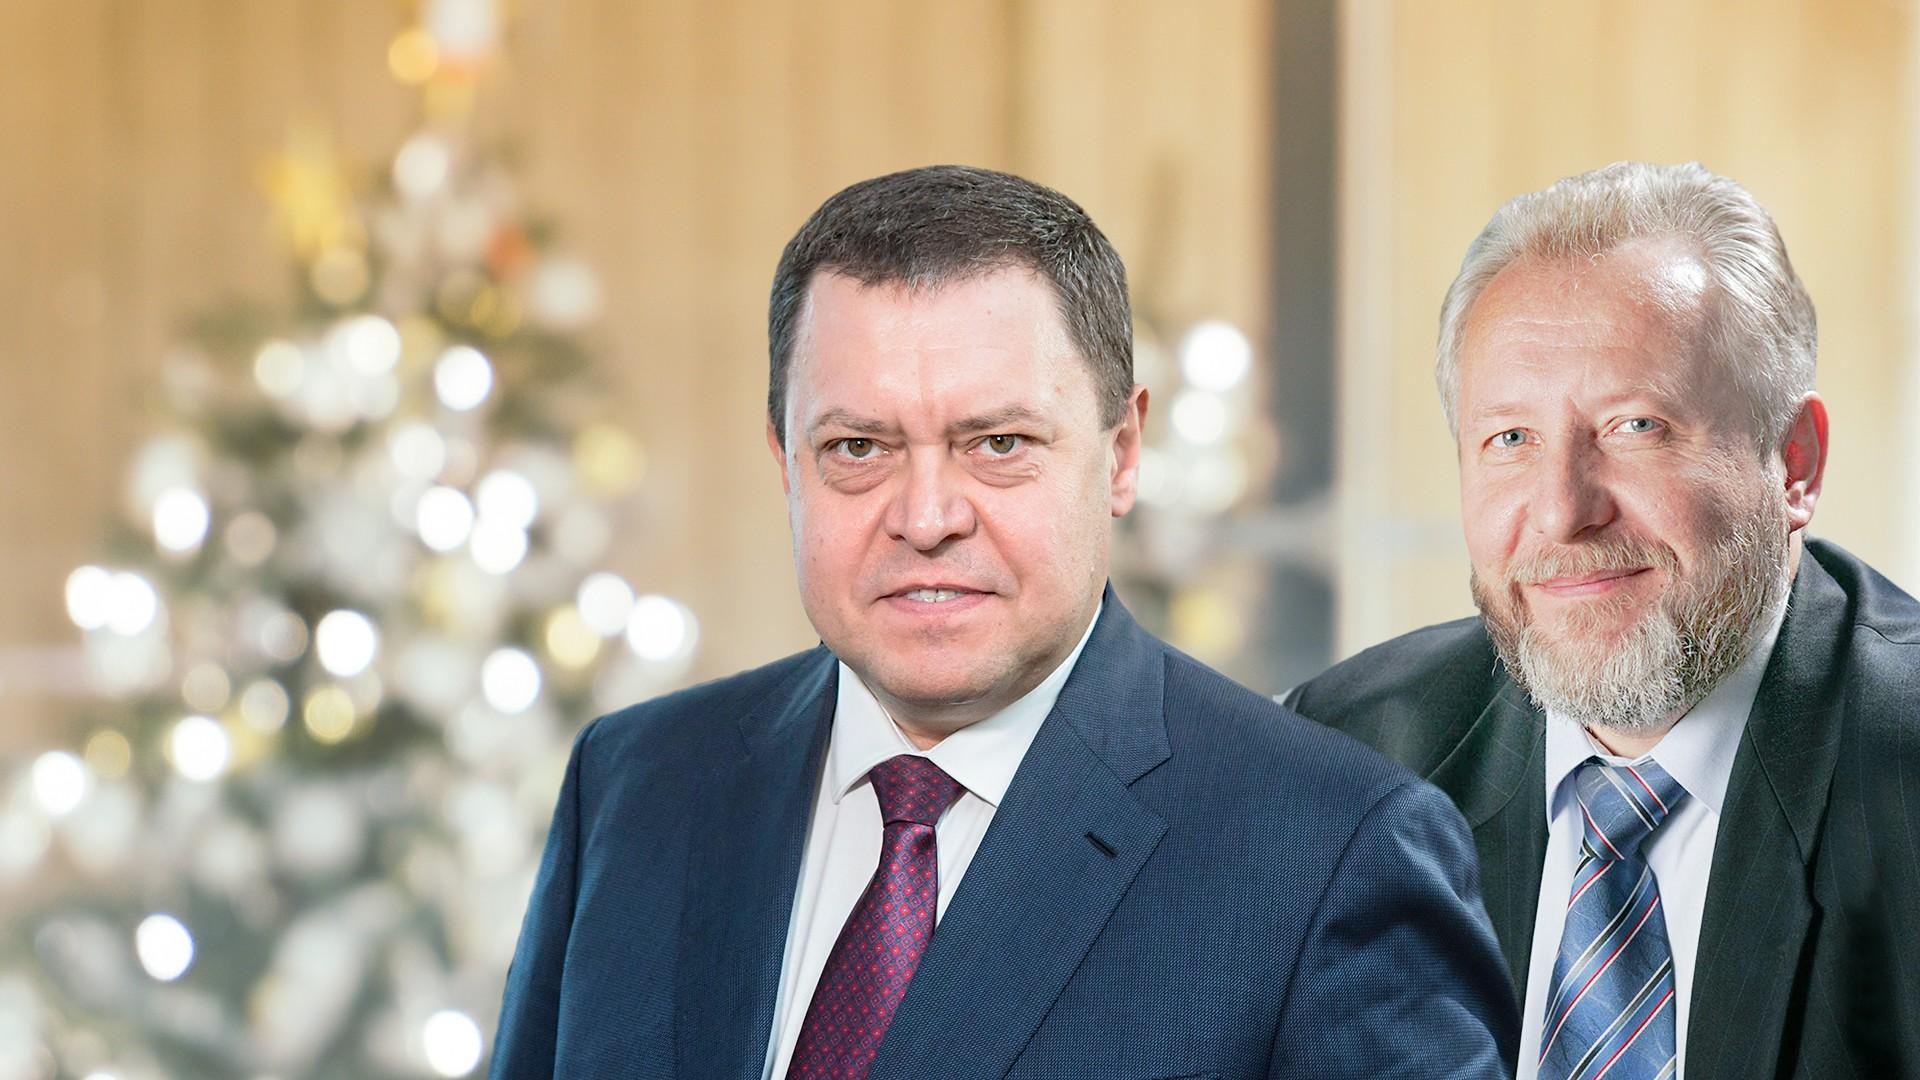 Совместное поздравление Эдуарда Грабовенко и Сергея Ряховского с Рождеством Христовым и Новым годом